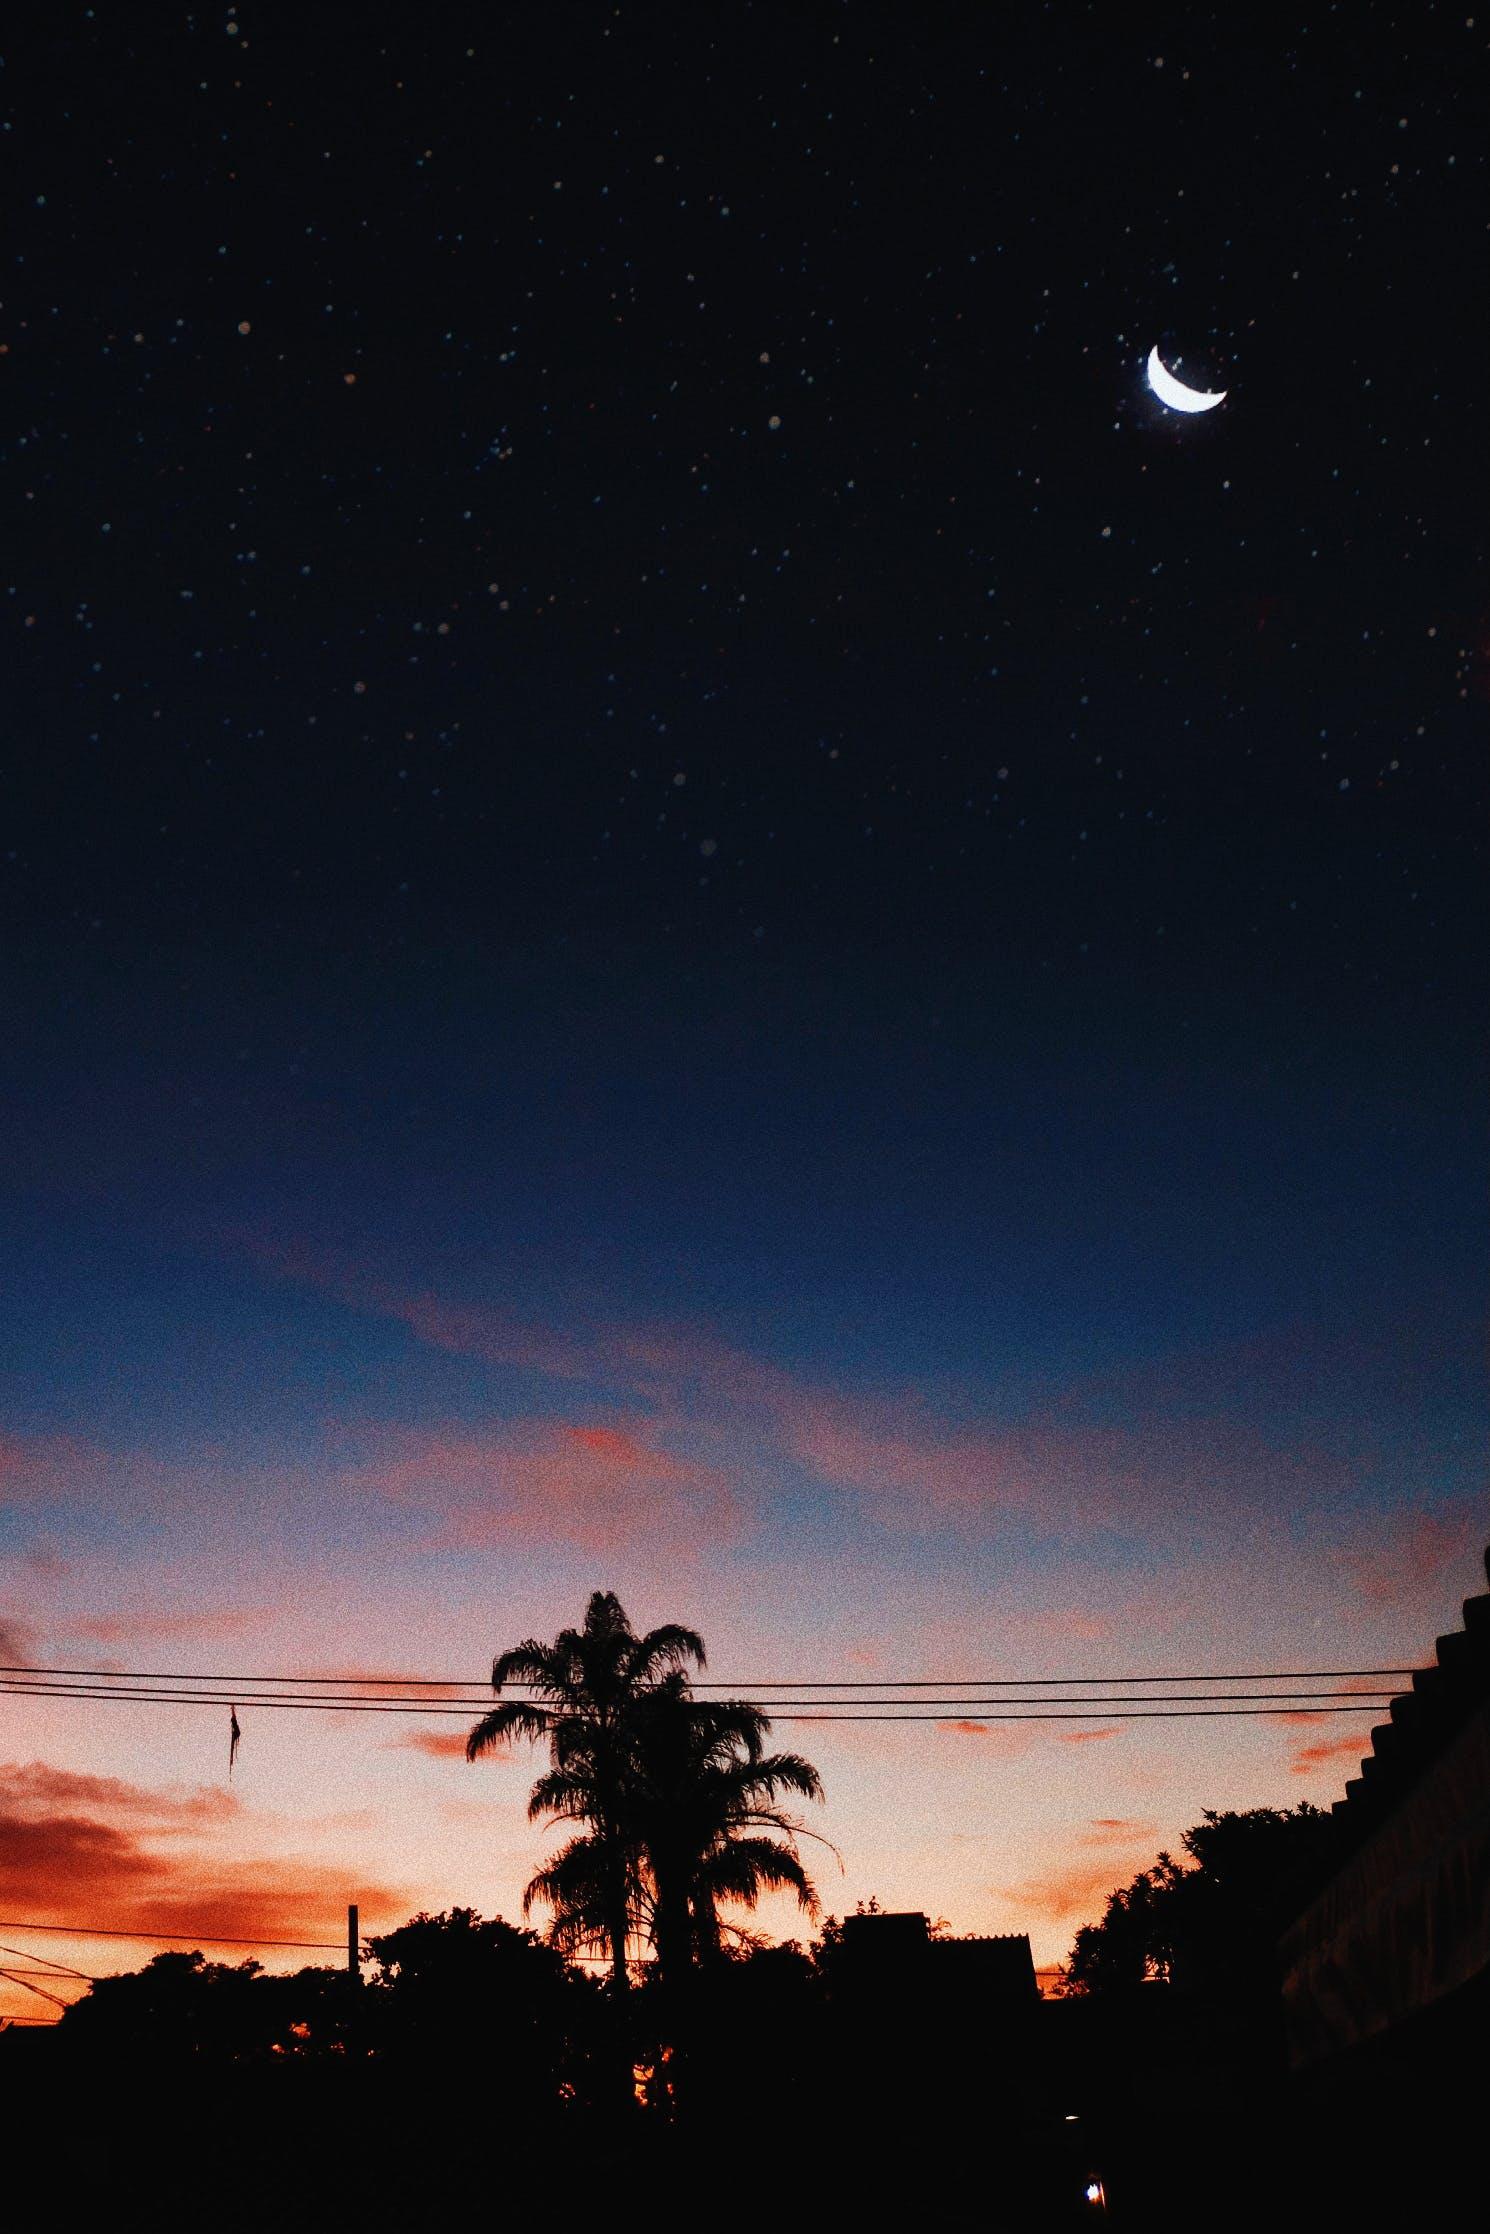 açık, ağaçlar, akşam